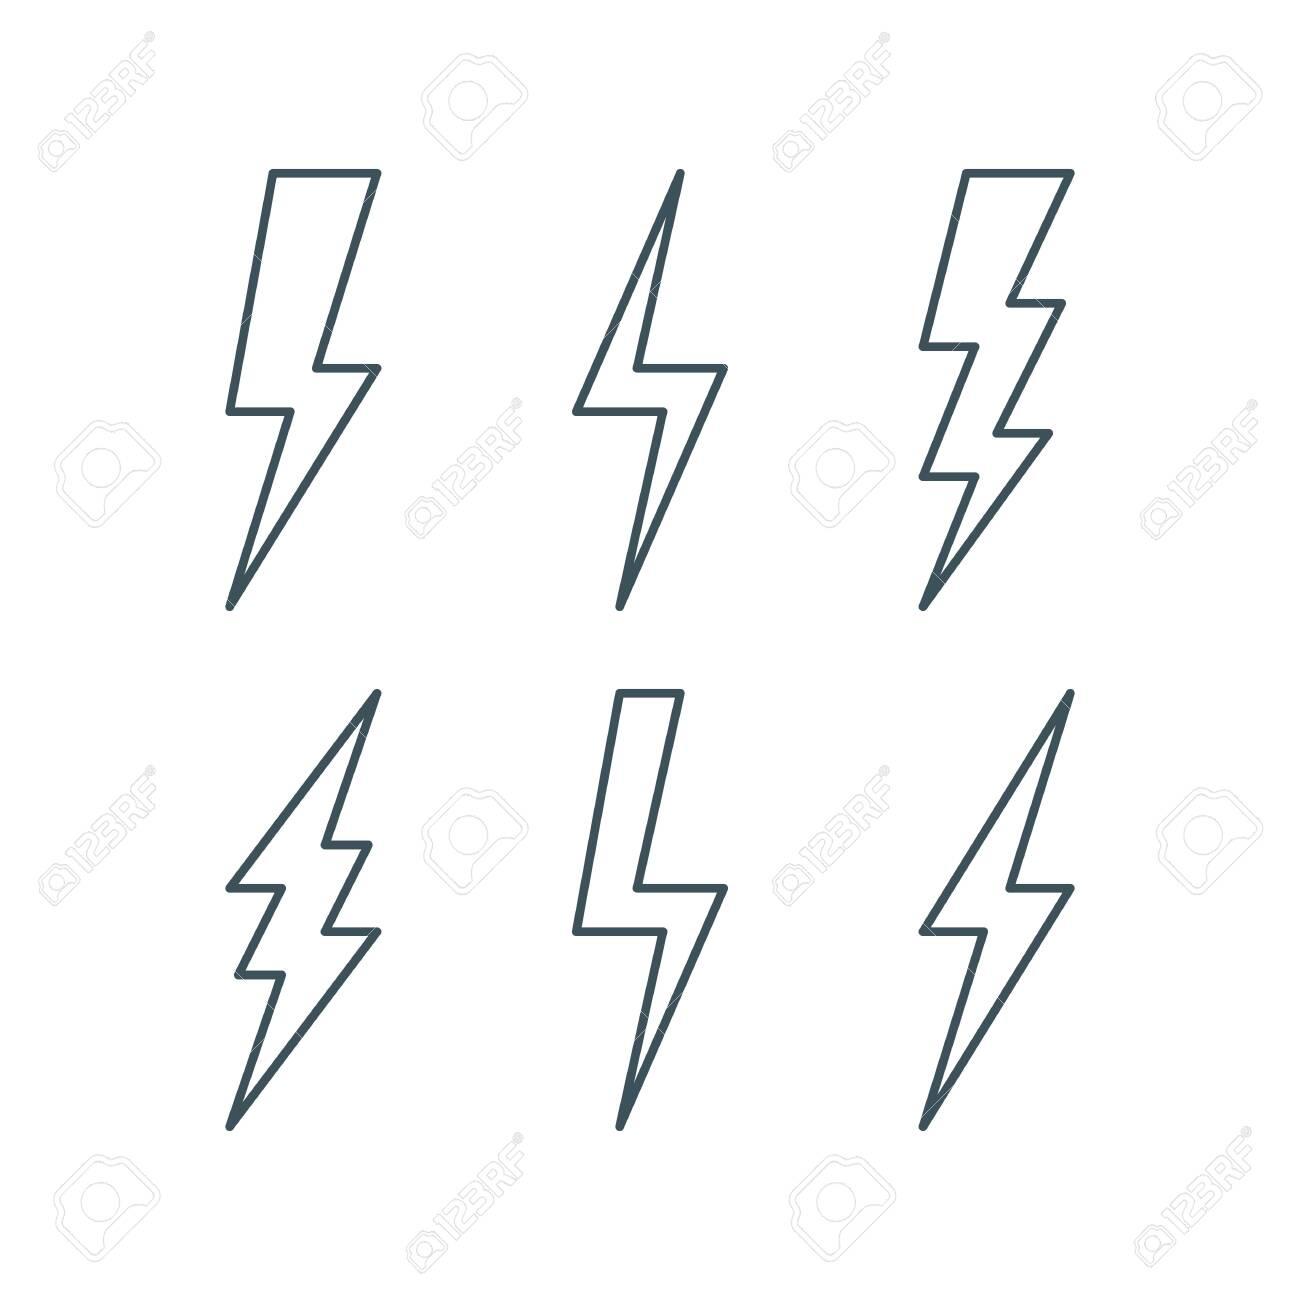 11 Thin Line Lightning Bolt Icons Set. Outline Thunderbolt Sign ...